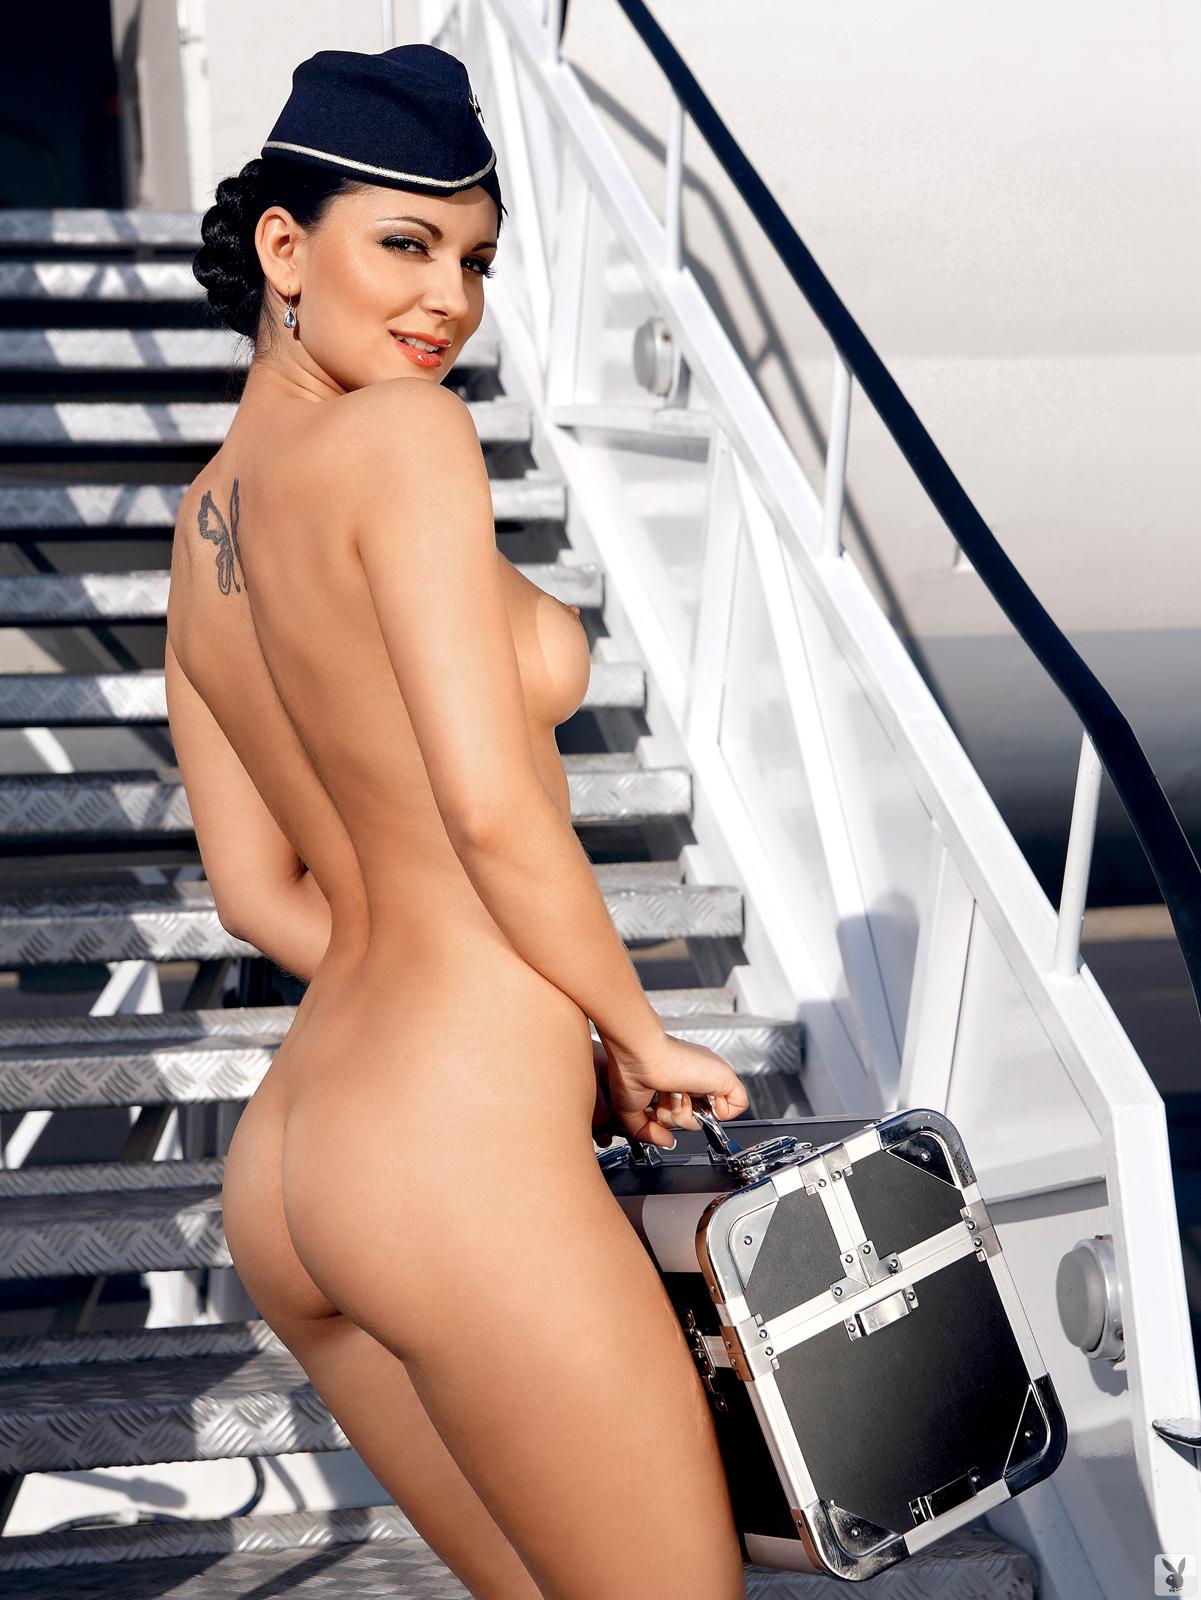 Iranian girl big ass nude